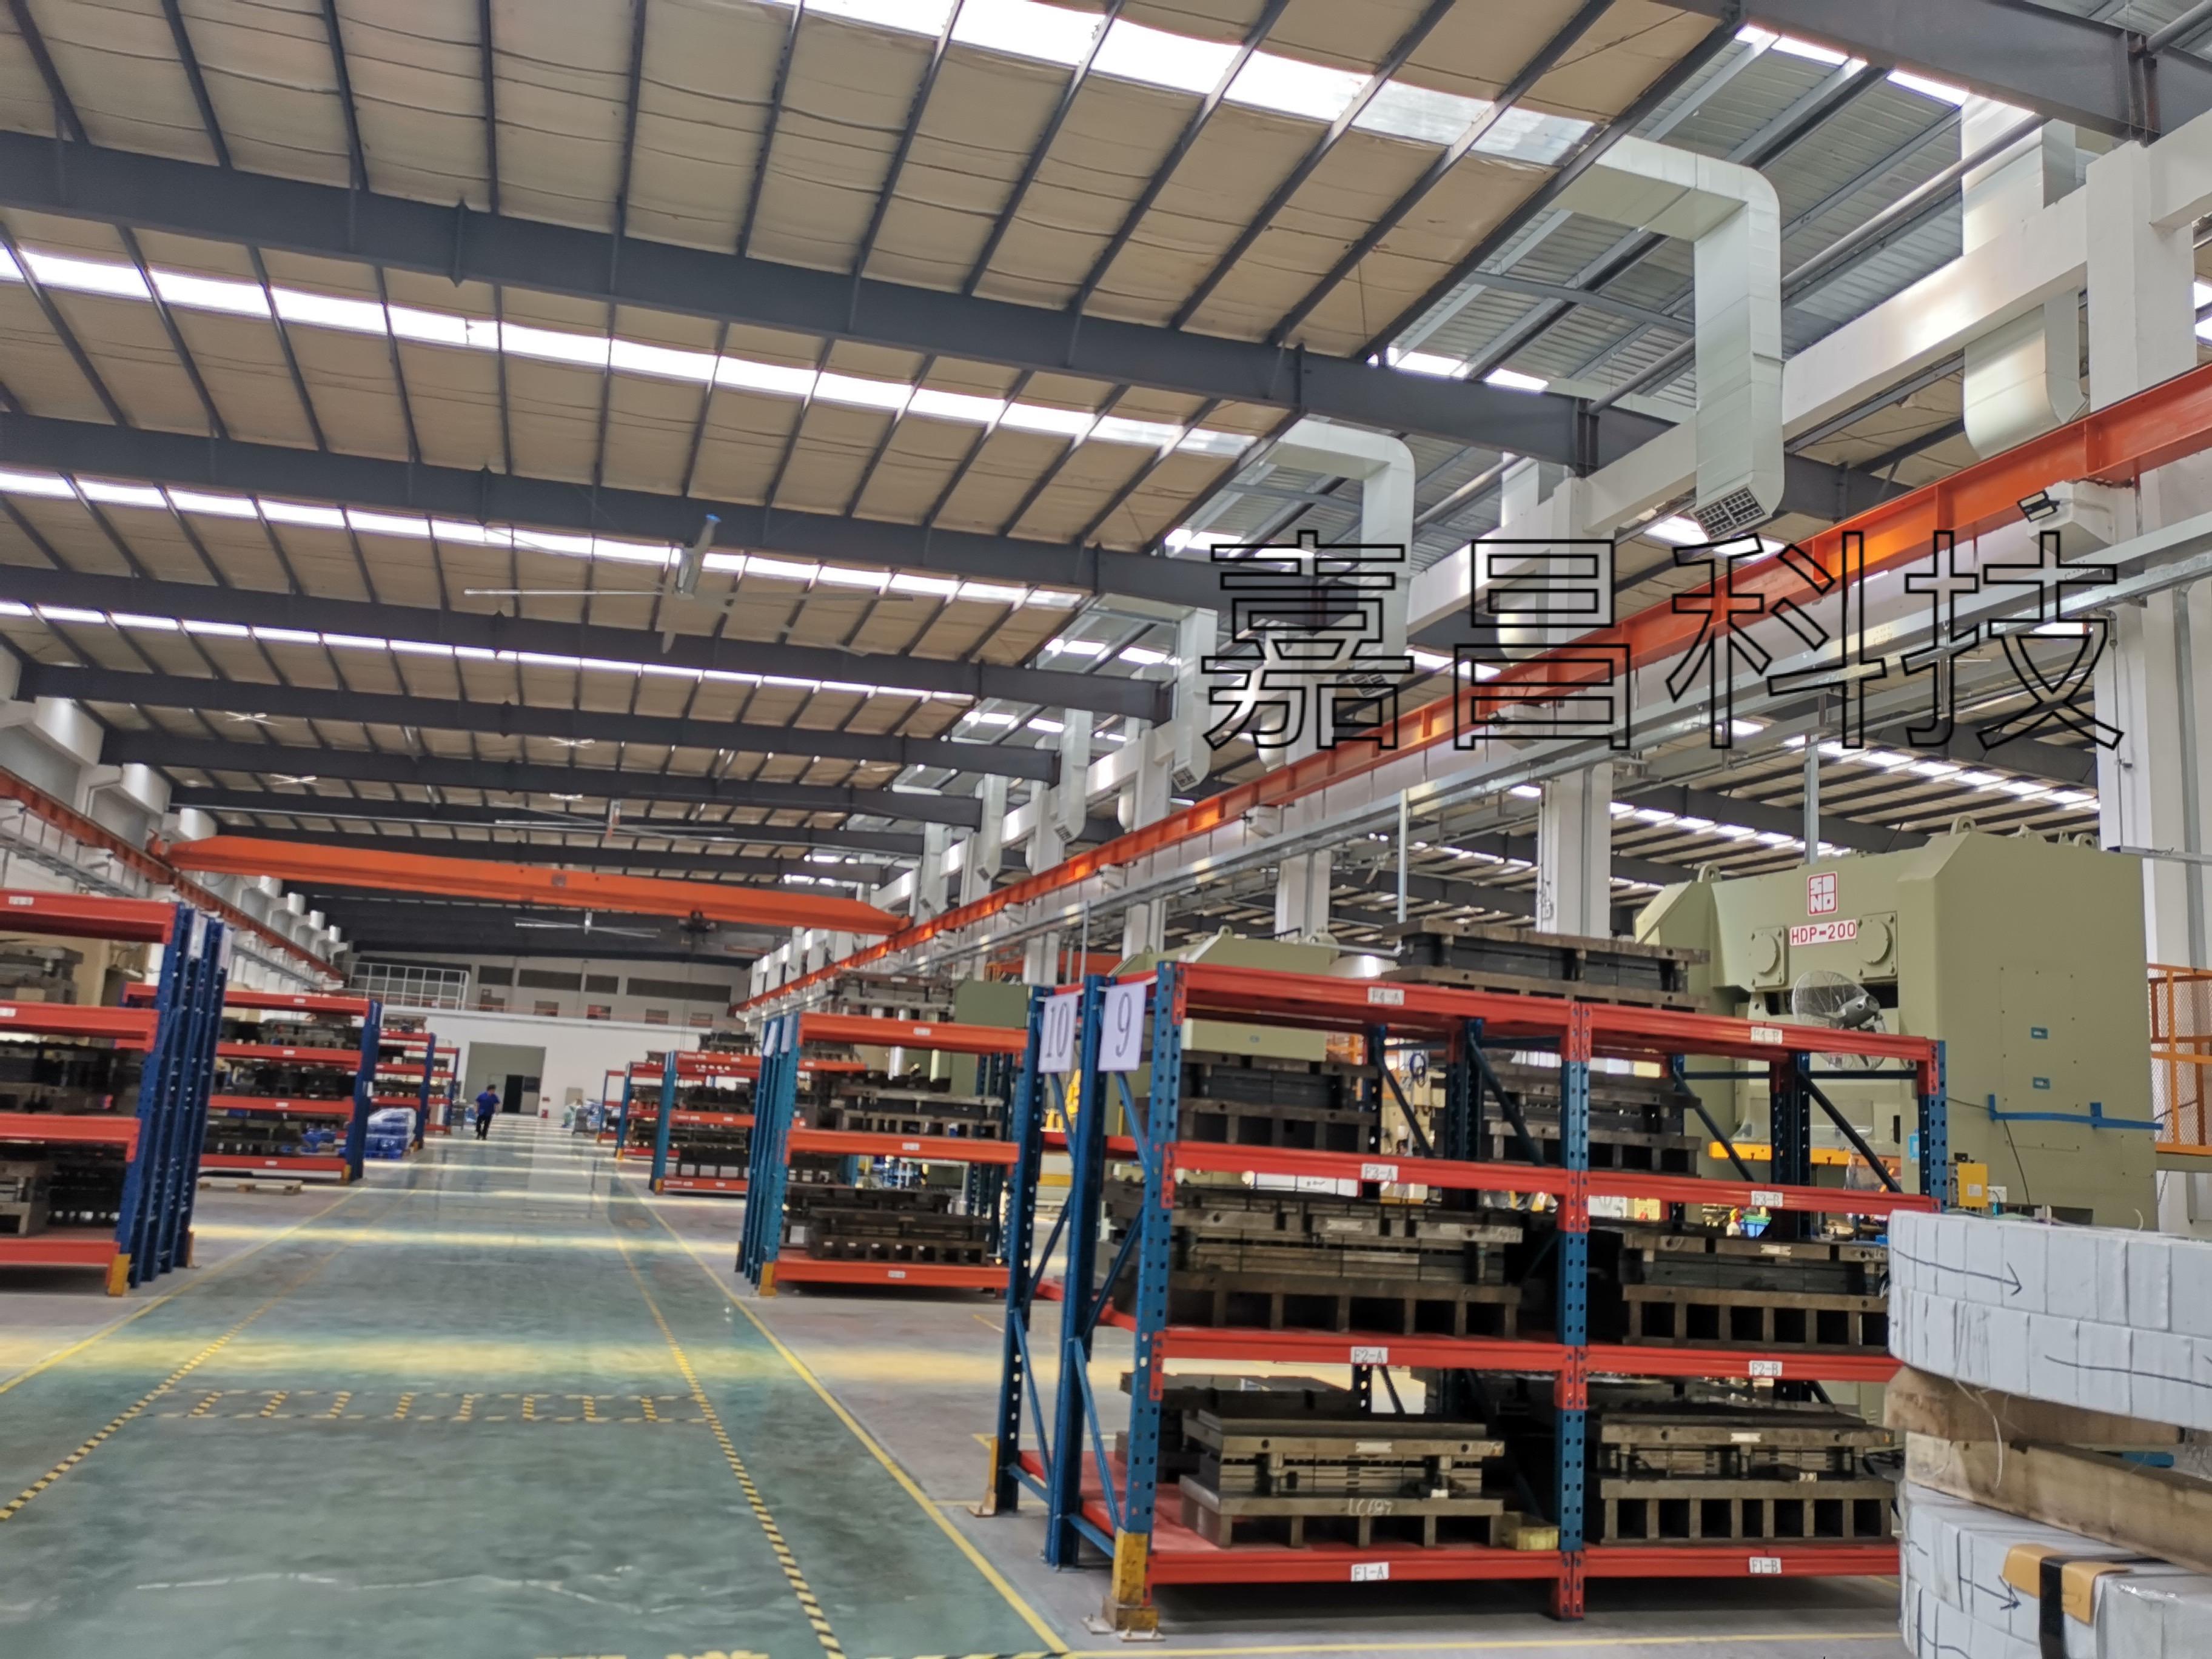 广东广州大型工业吊扇,大型节能工业吊扇,大型节能吊扇,工业吊扇